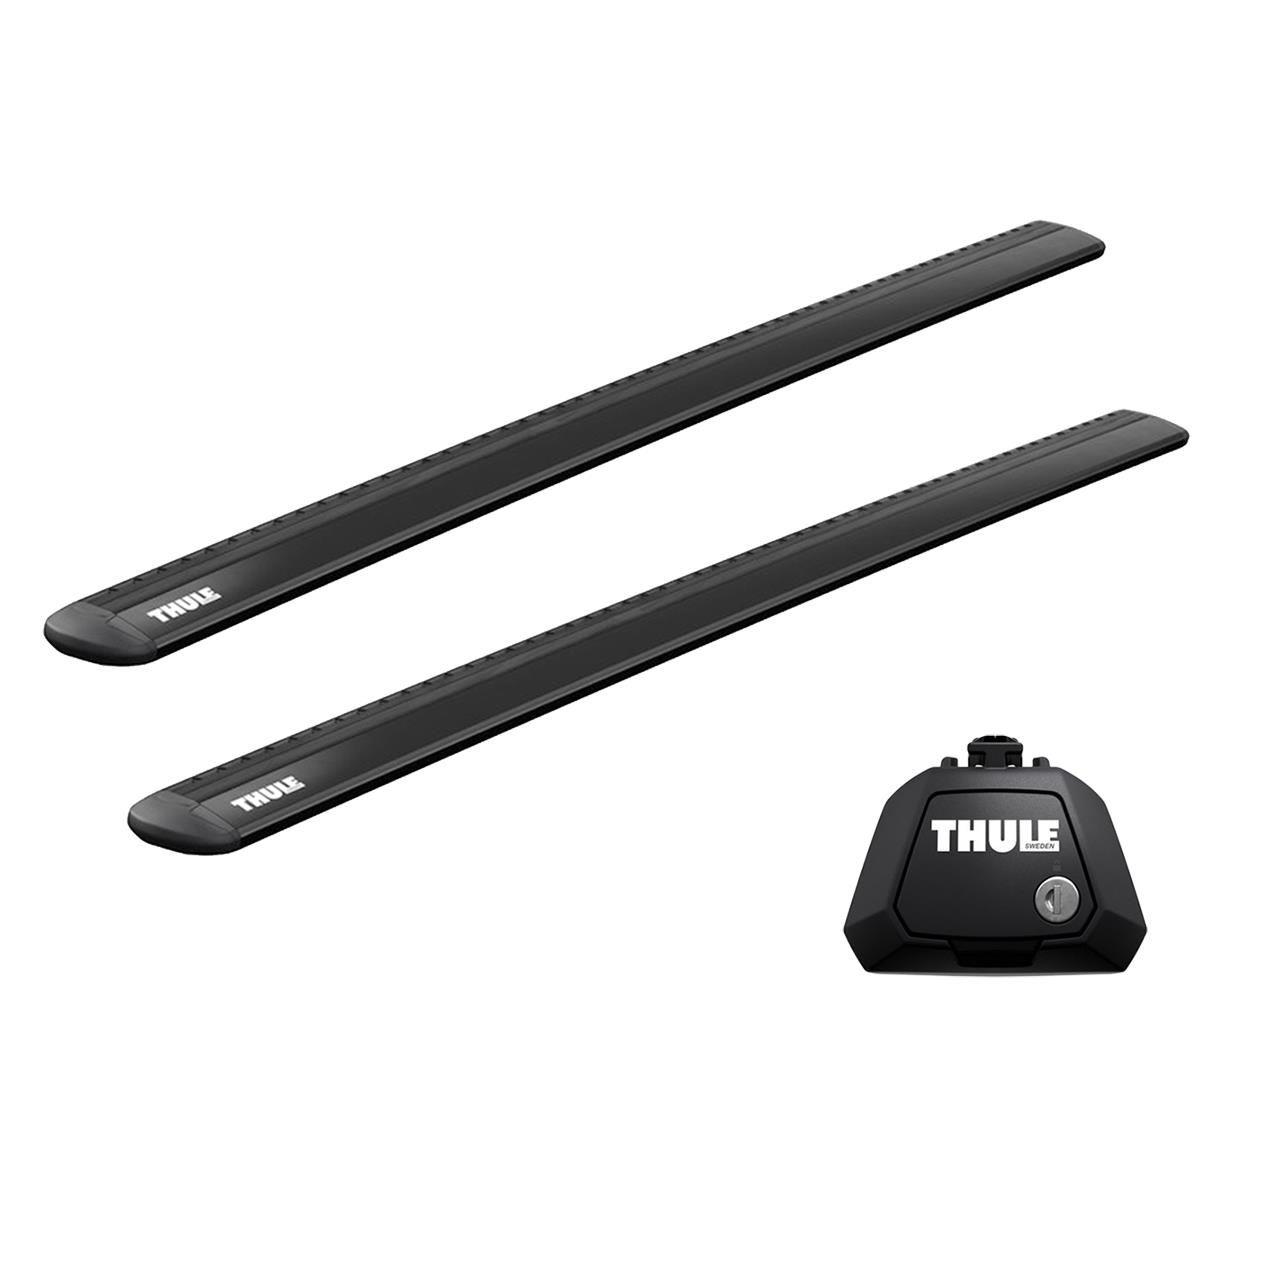 Напречни греди Thule Evo Raised Rail WingBar Evo 127cm в Черно за FORD Ranger 4 врати Double Cab 2011- с фабрични надлъжни греди с просвет 1